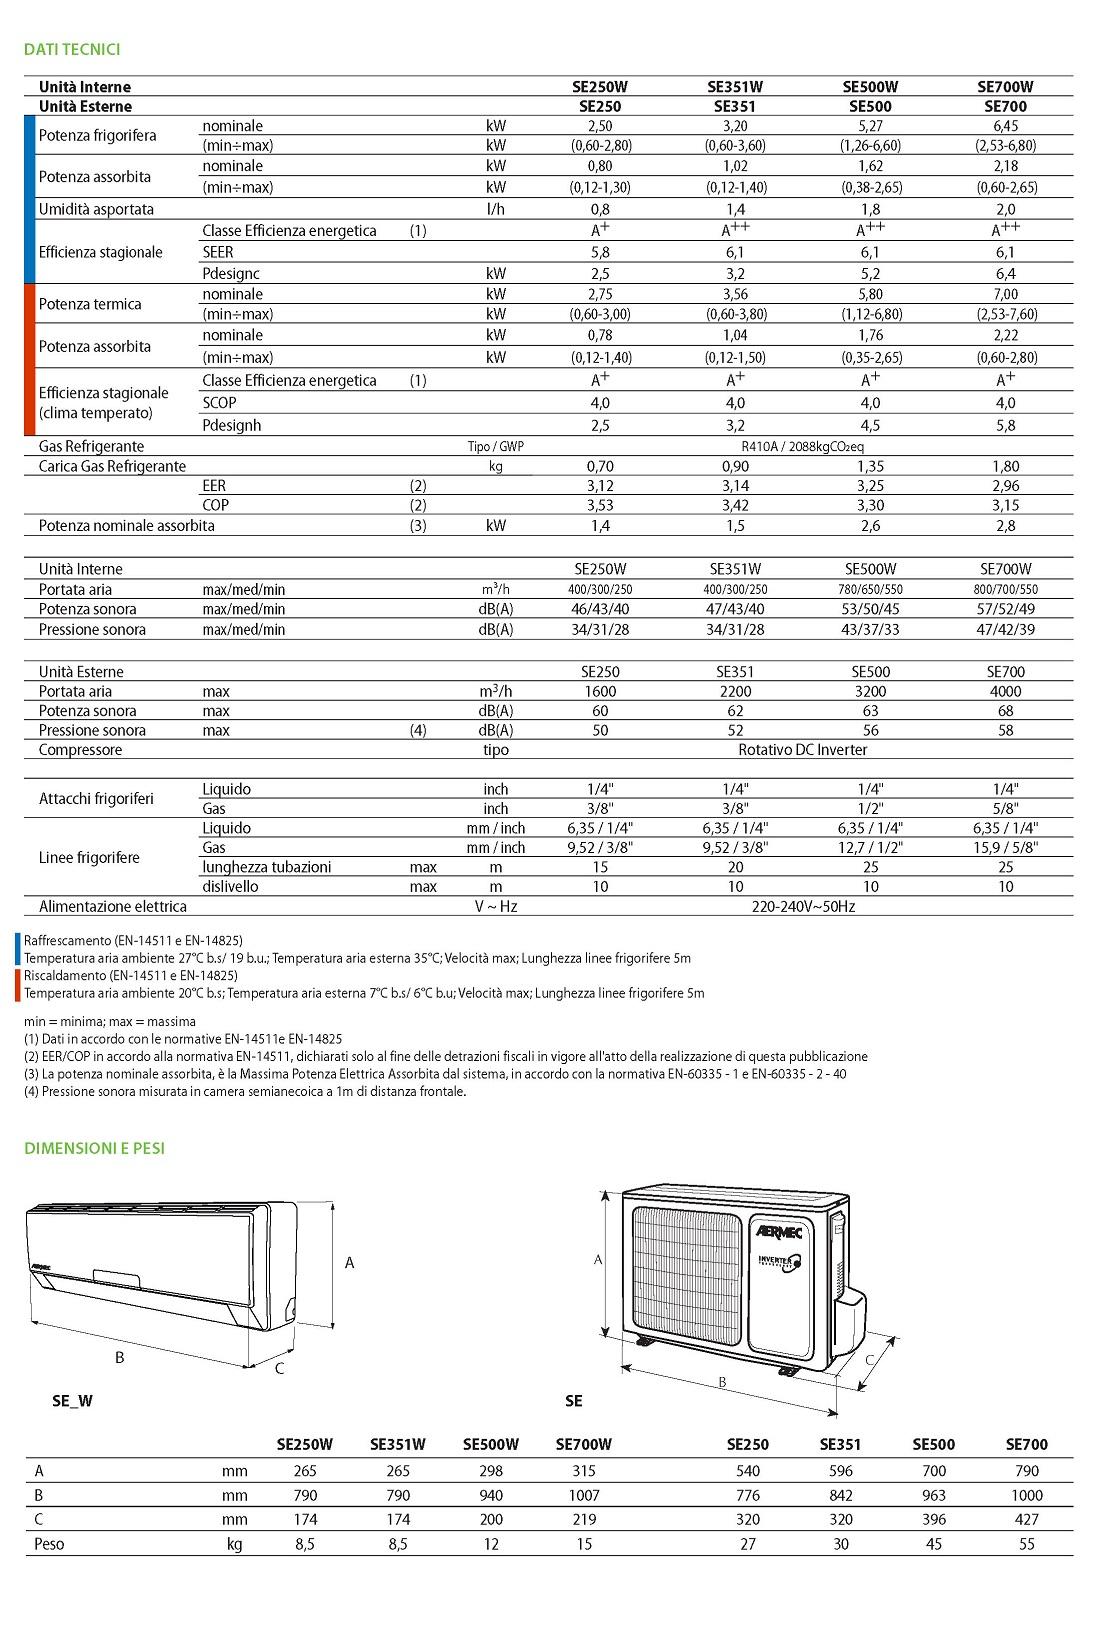 Condizionatore AERMEC Mono Split 9000 Btu Serie SE A+/A+